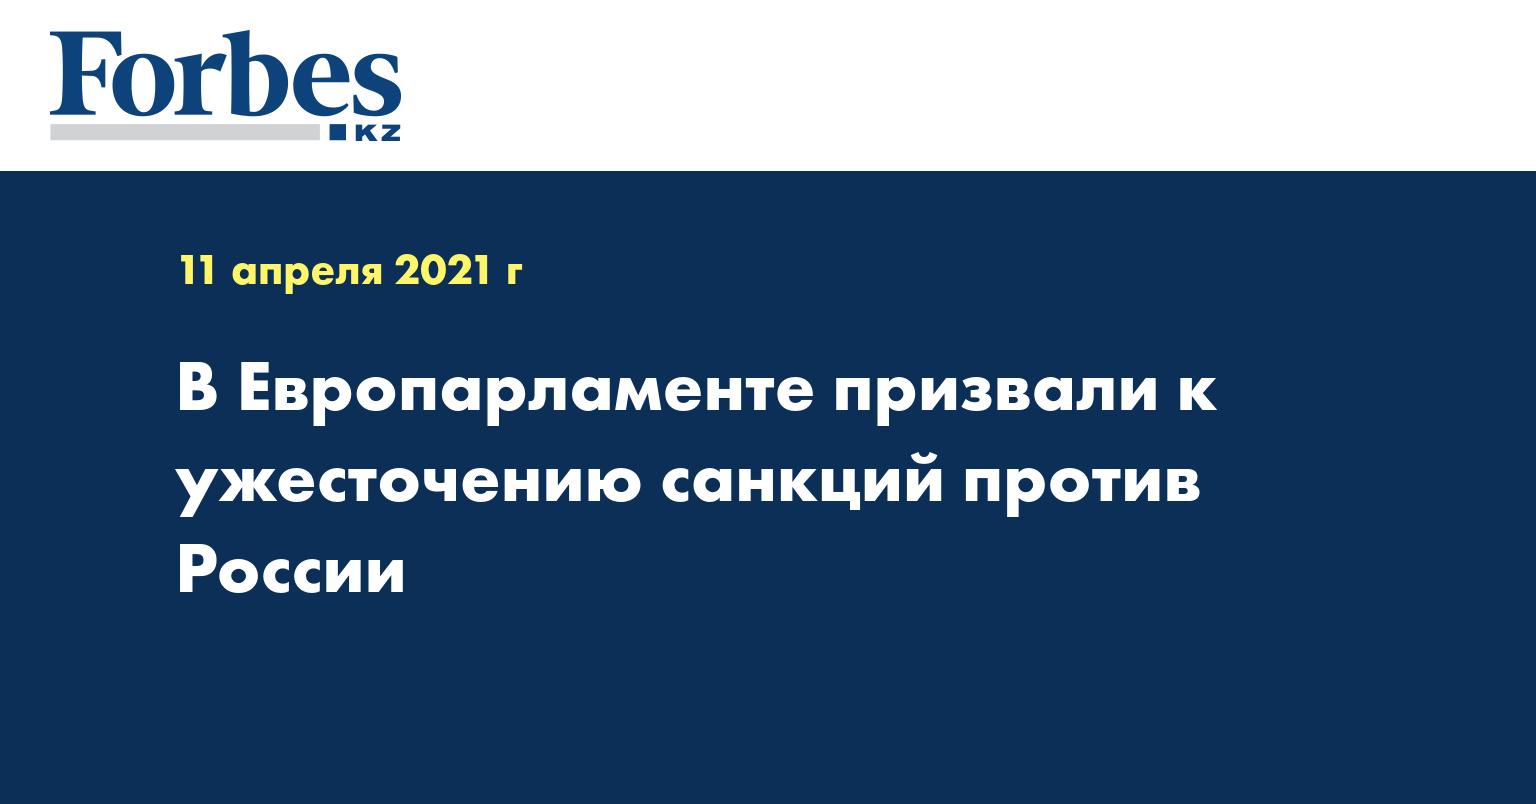 В Европарламенте призвали к ужесточению санкций против России